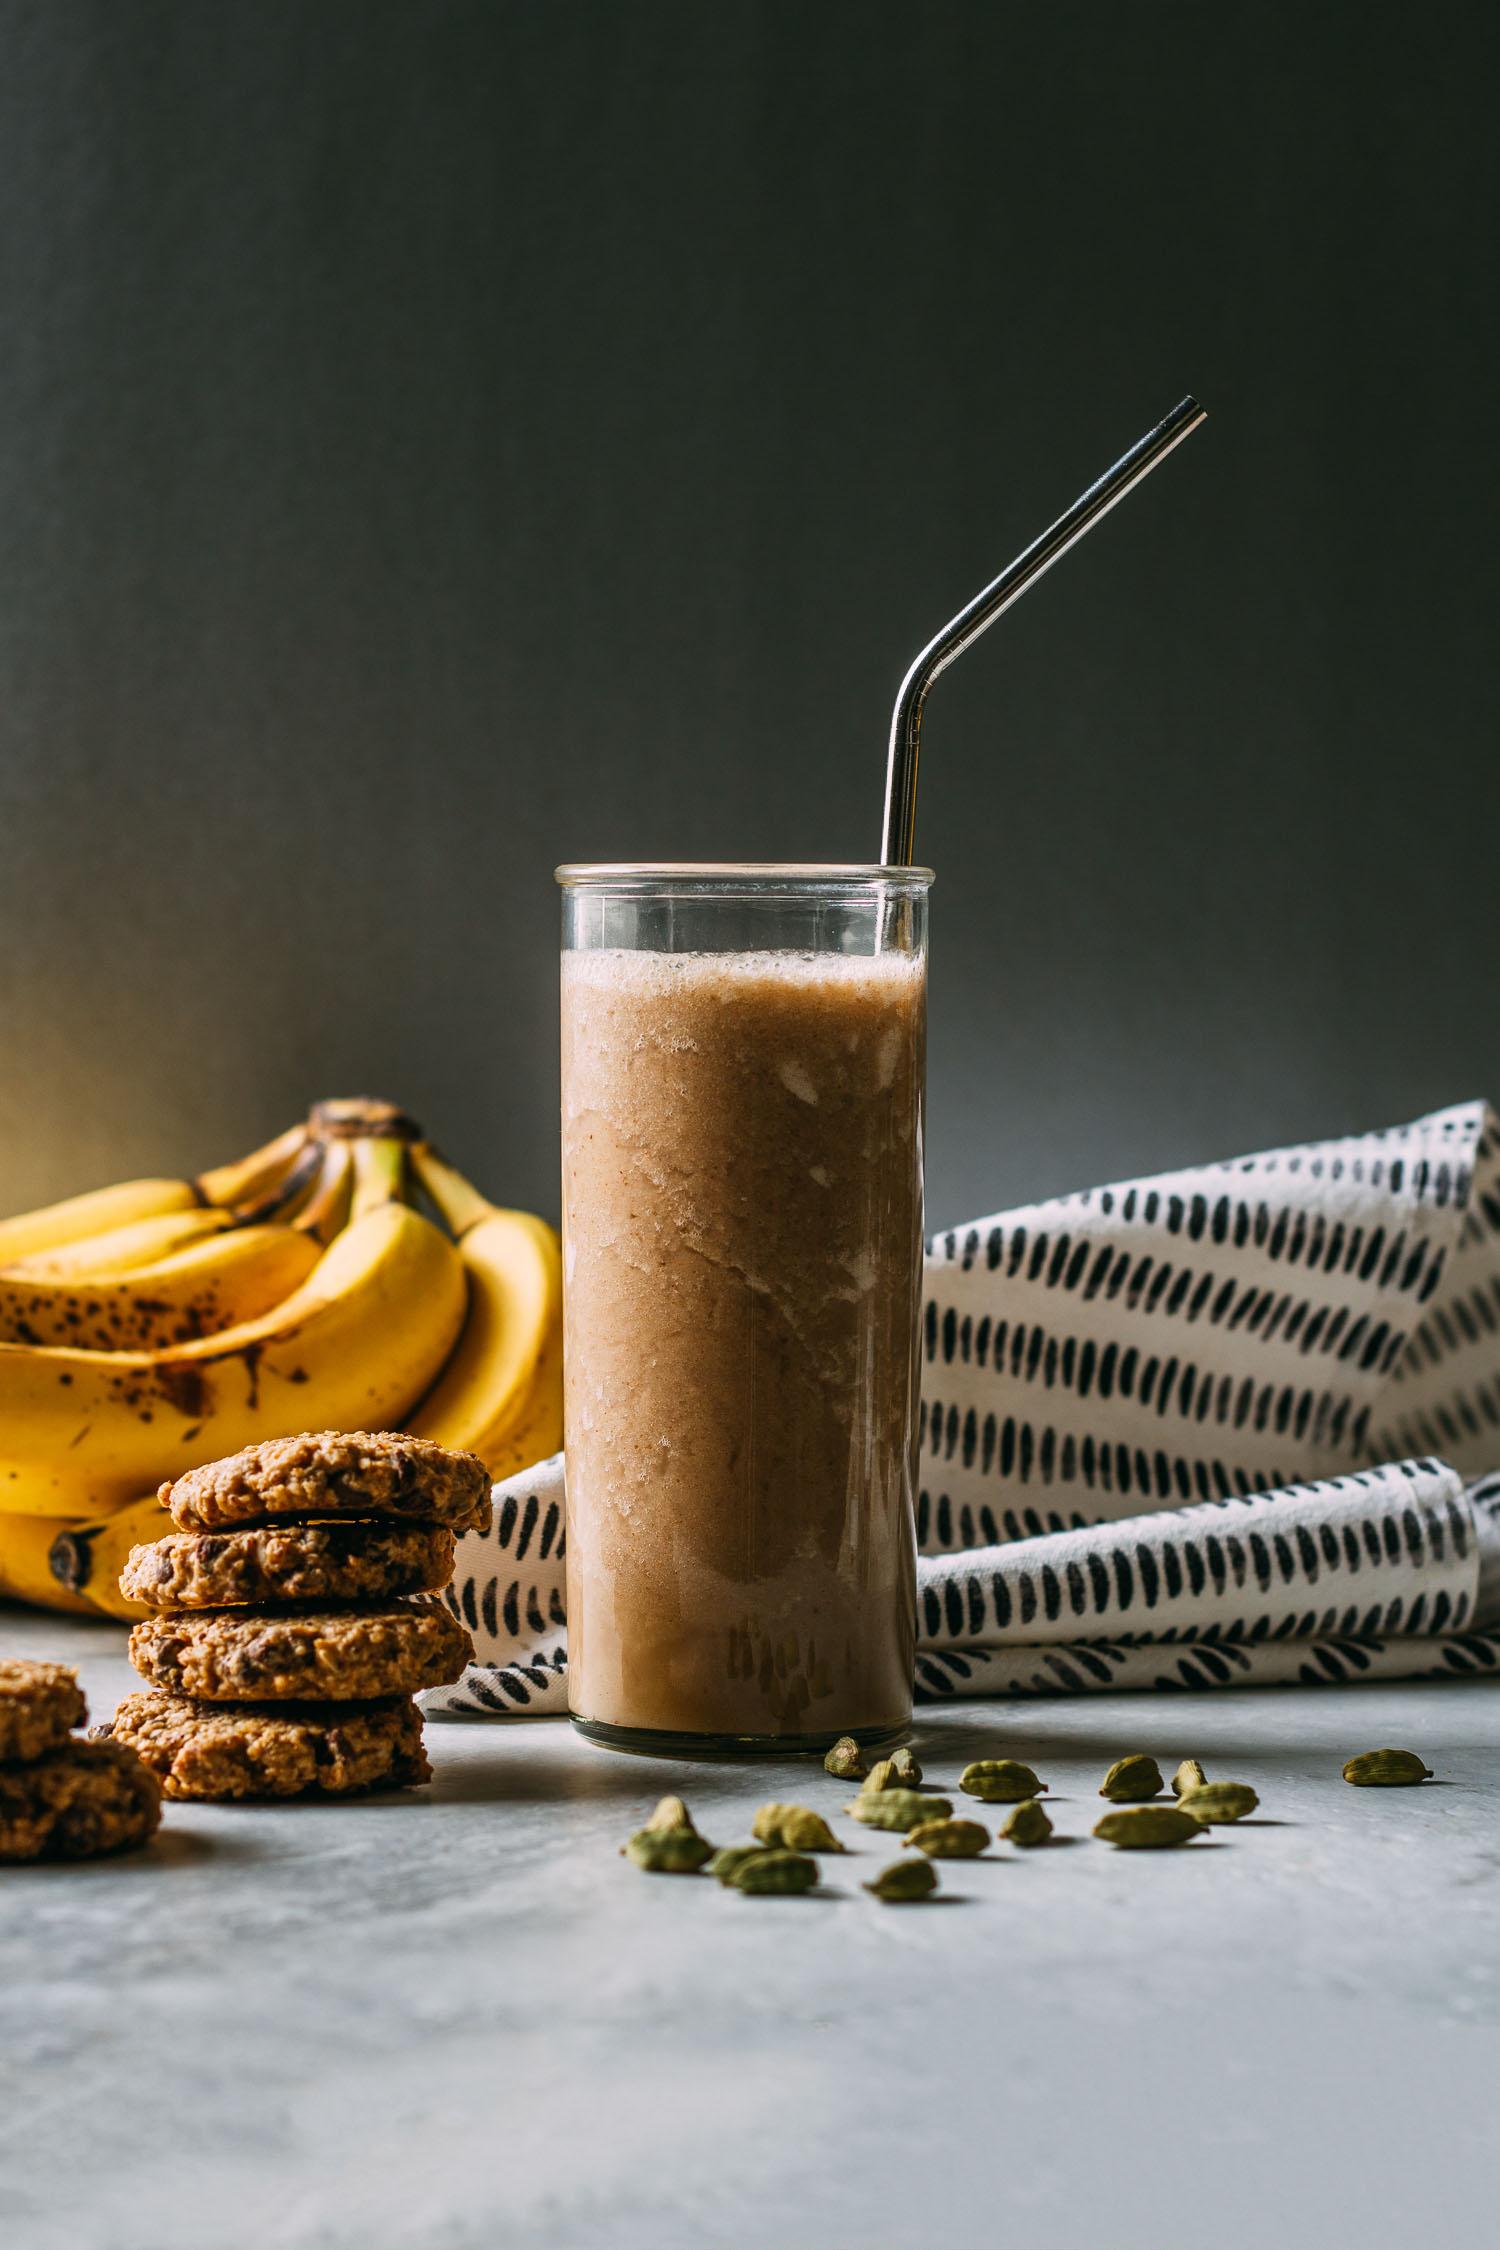 Creamy Cardamom Banana Milk #banana #milk #cardamom #cinnamon #vegan #plant-based #wfpb #beverage #wfpbno #recipes